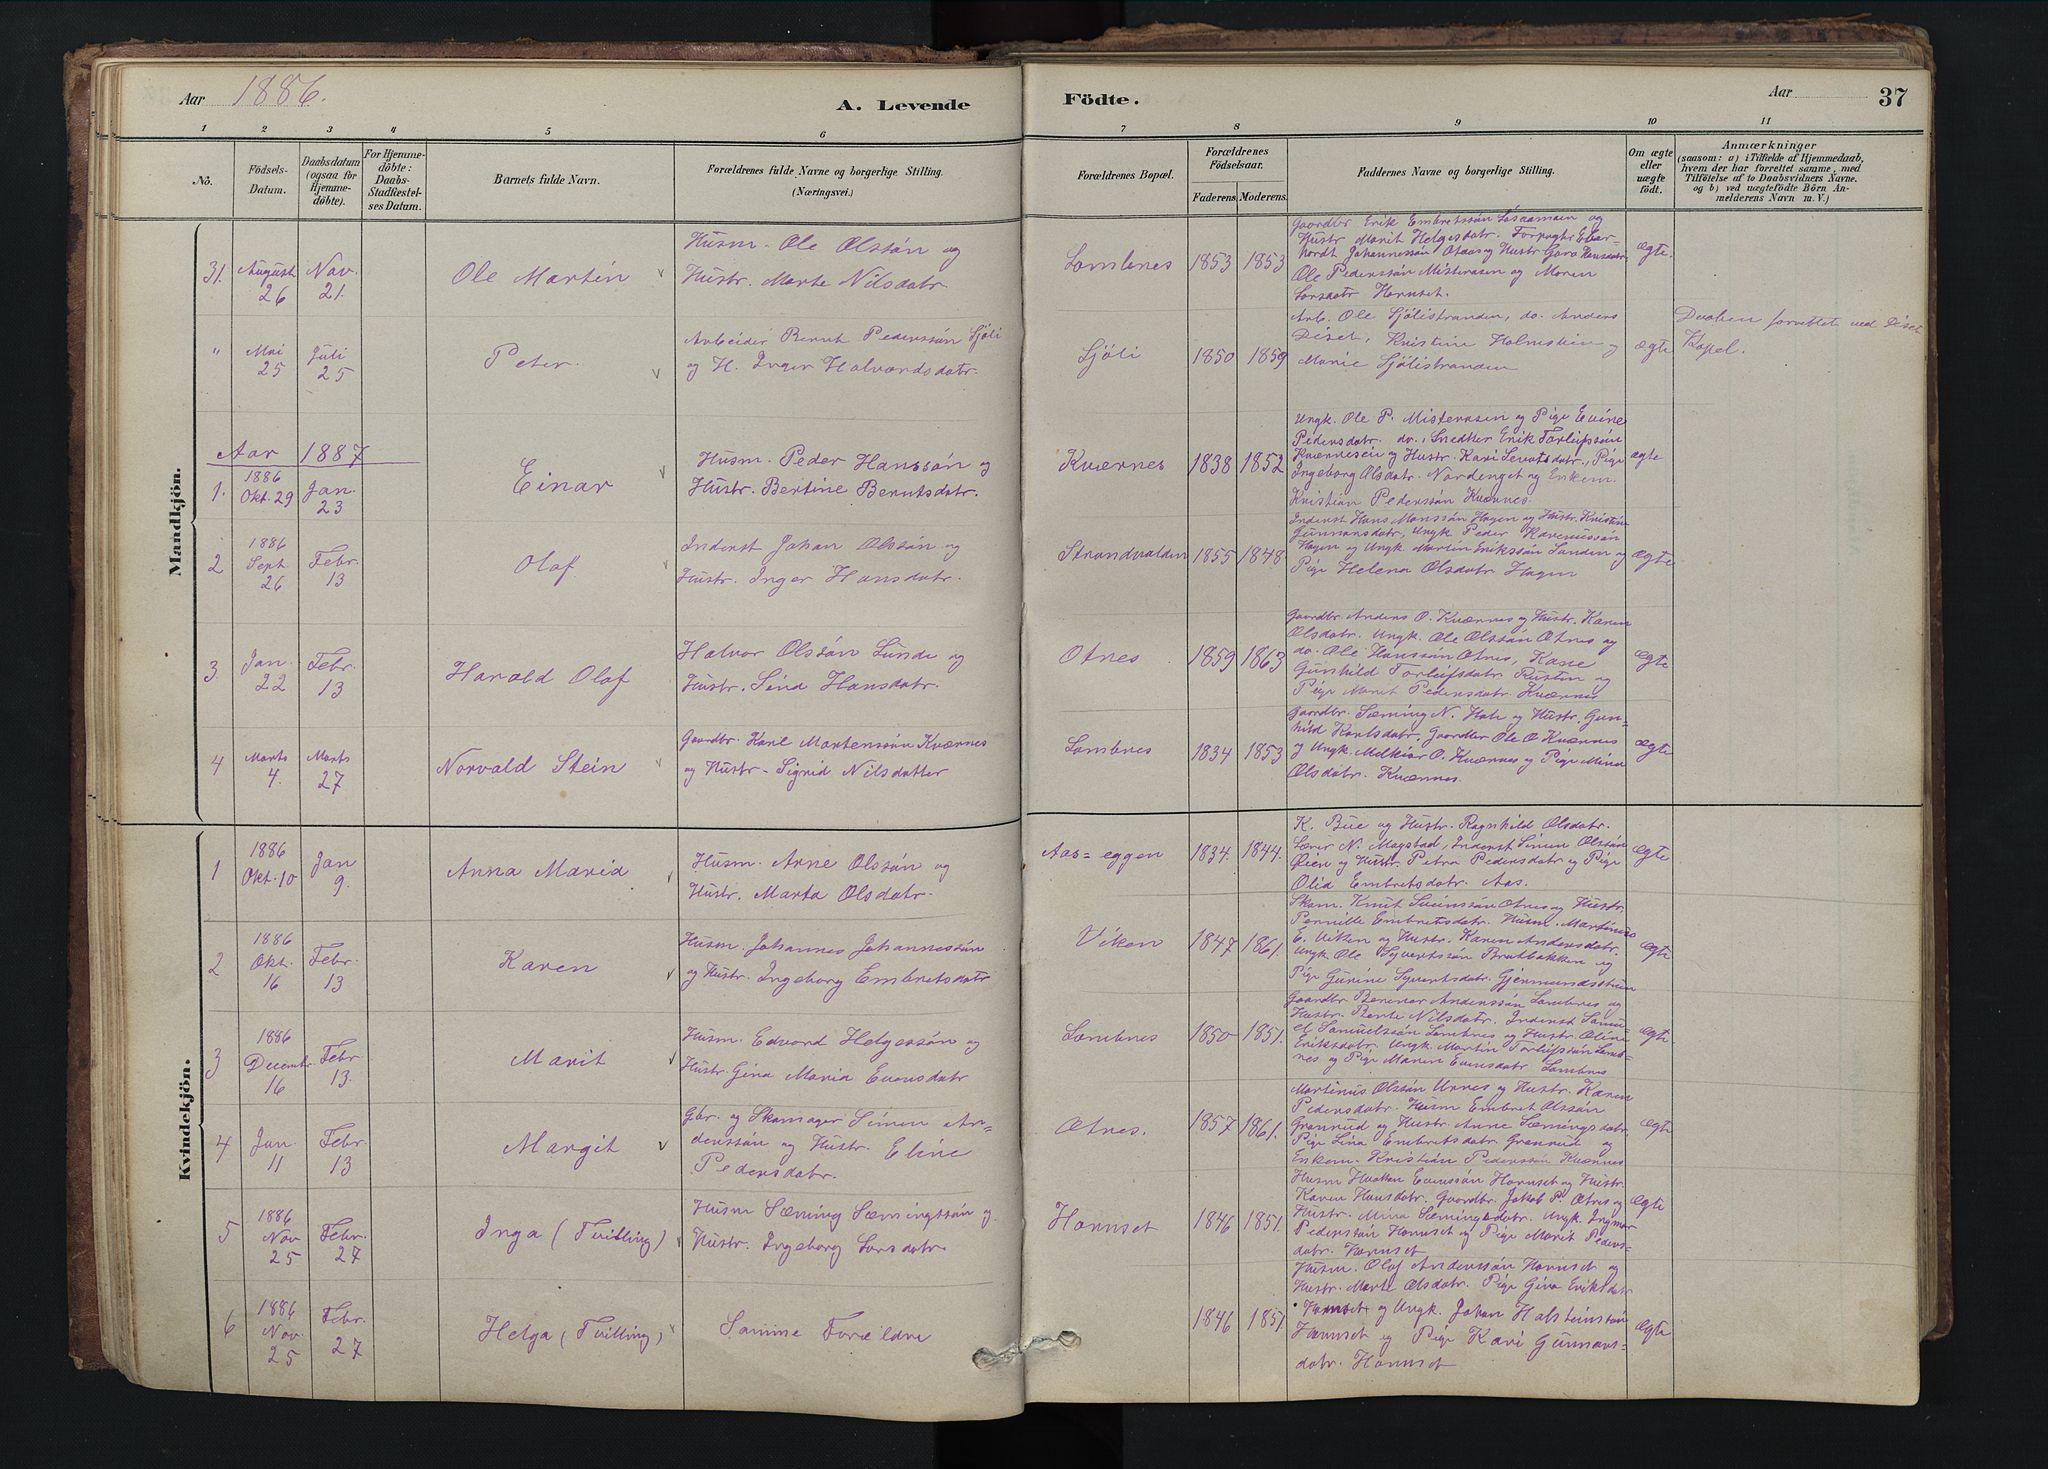 SAH, Rendalen prestekontor, H/Ha/Hab/L0009: Klokkerbok nr. 9, 1879-1902, s. 37